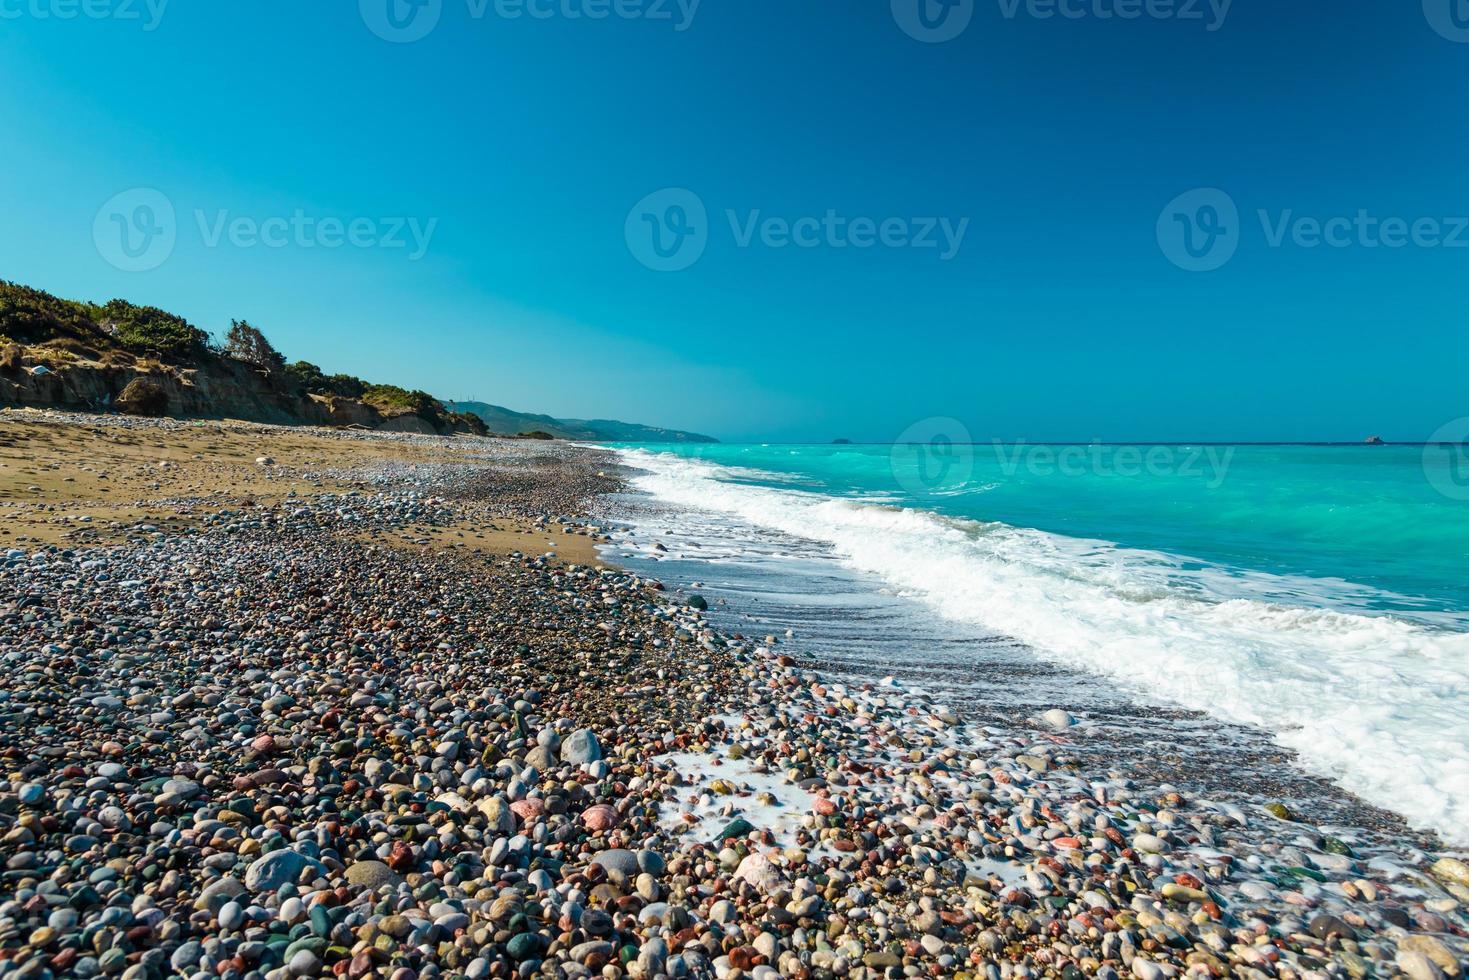 verlaten strand zee foto